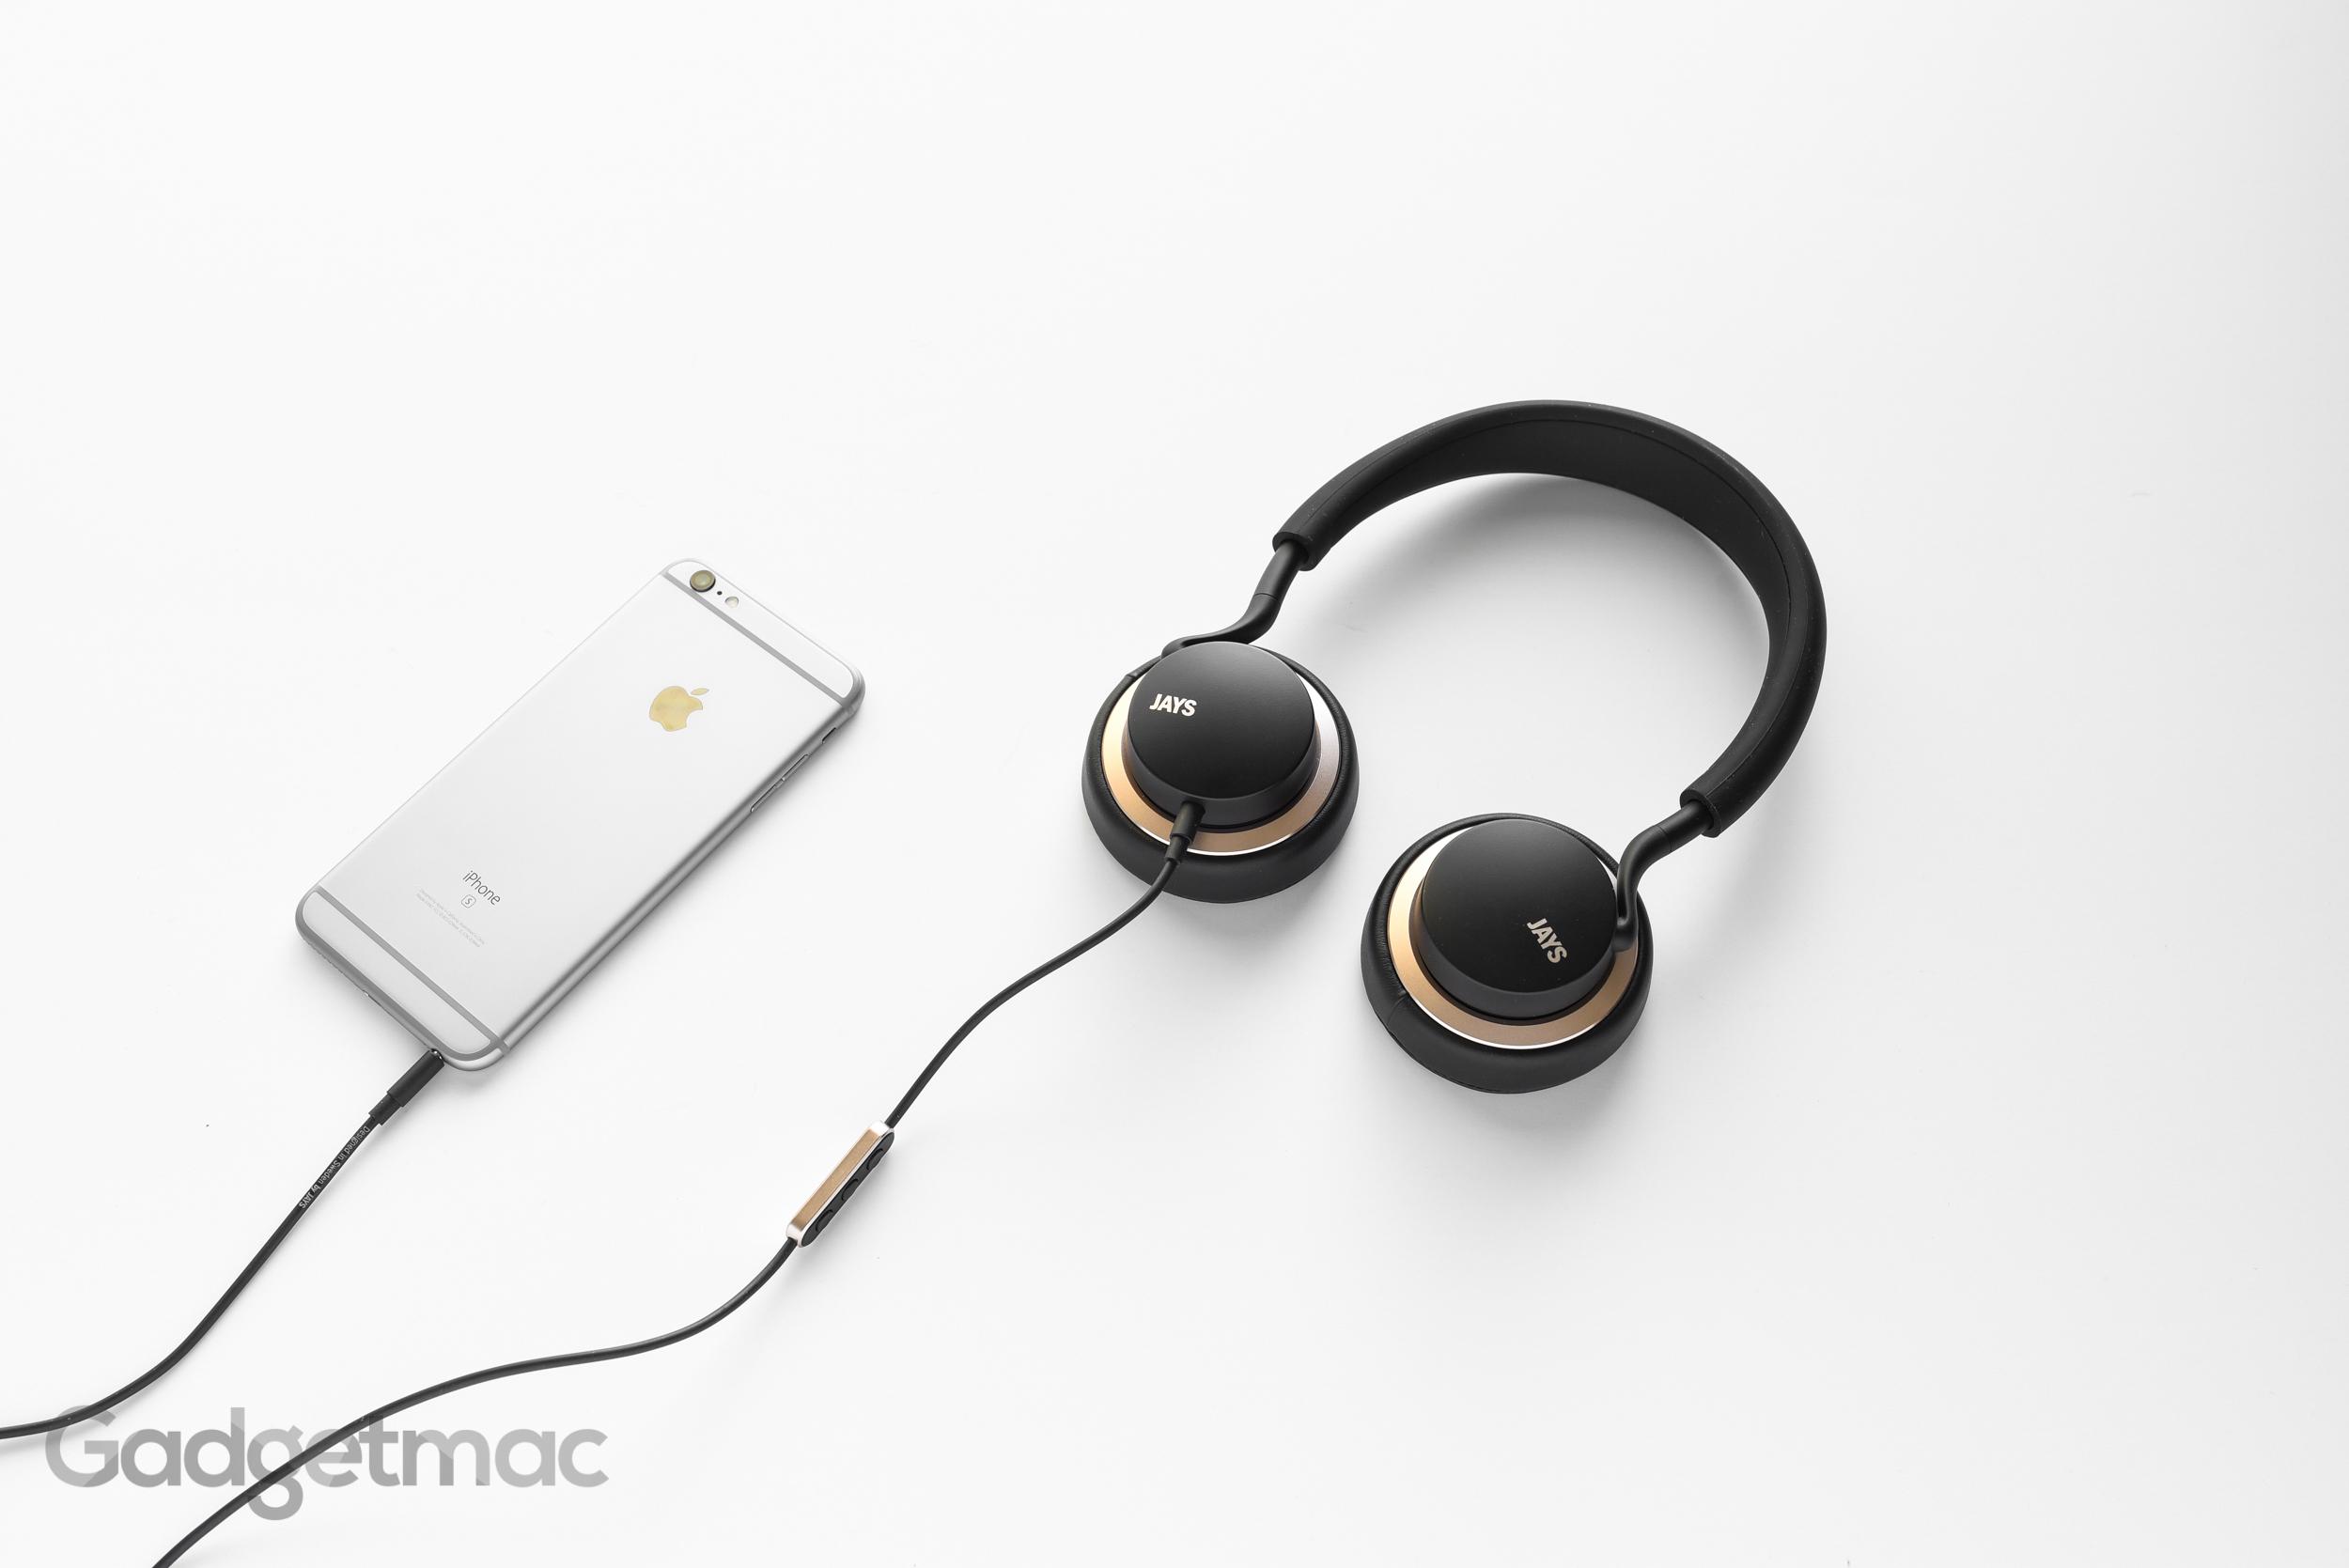 jays-ujays-headphones-6.jpg